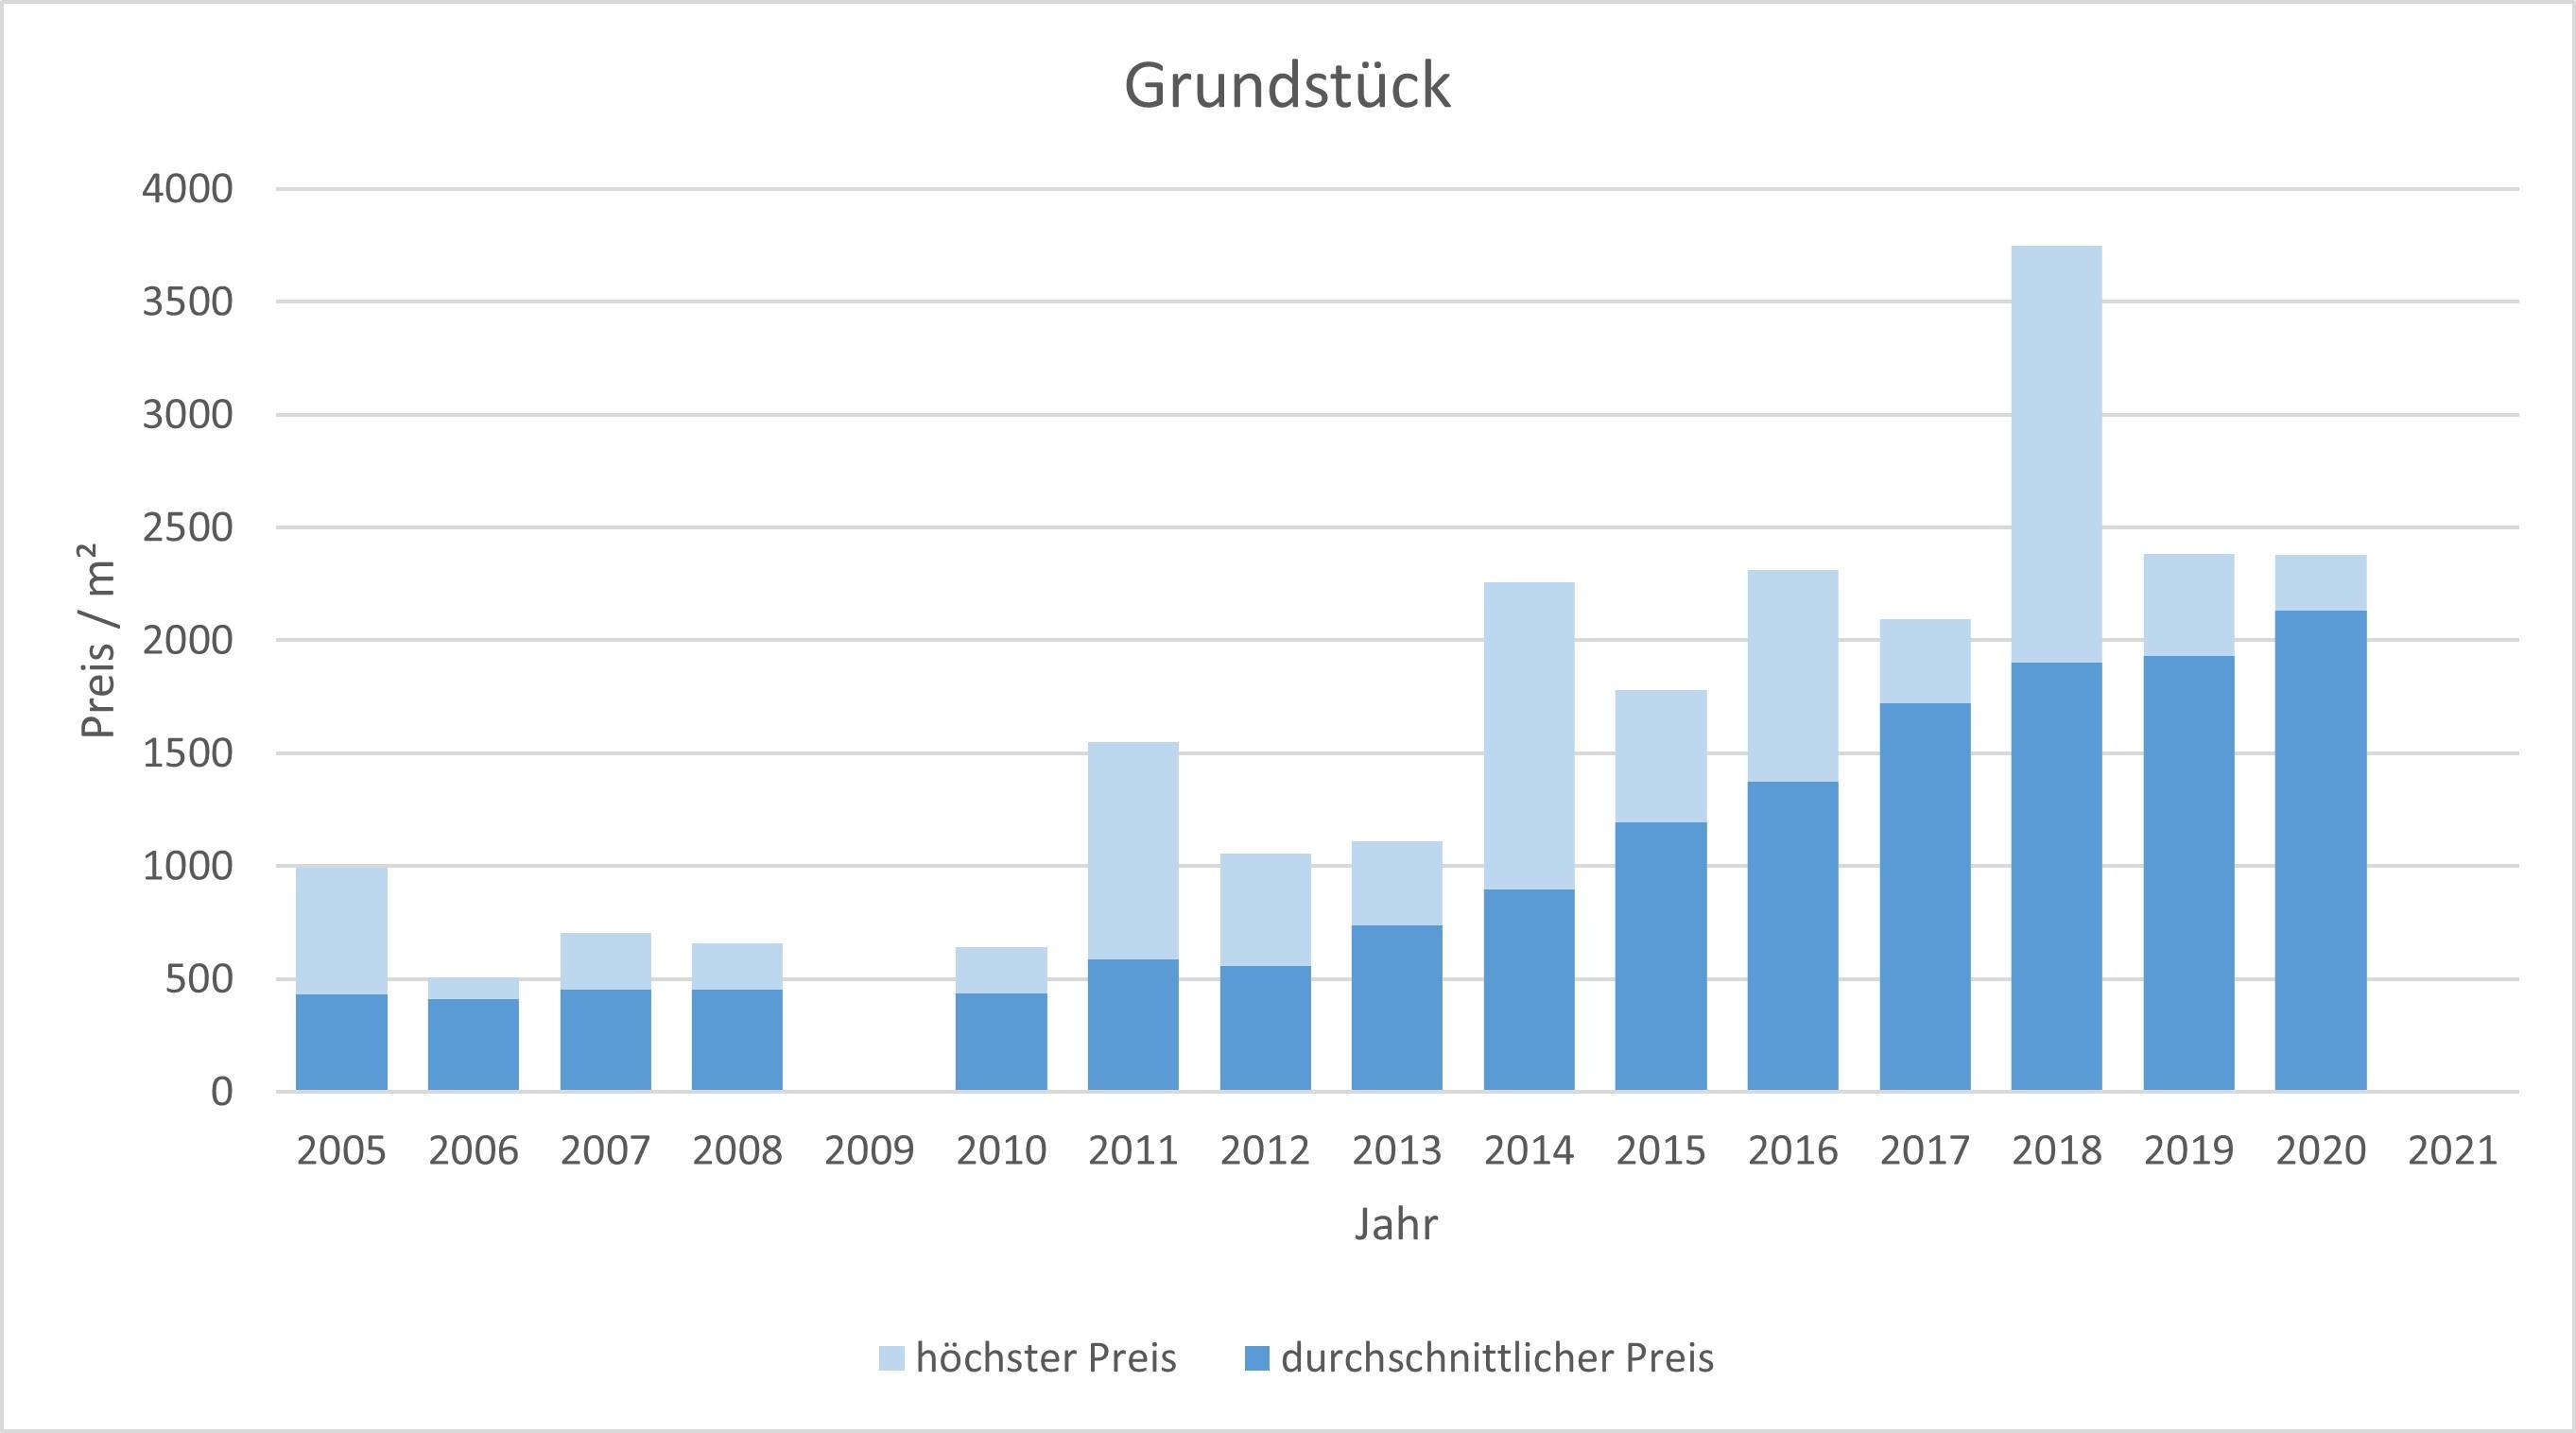 Rottach-Egern Grundstück kaufen verkaufen Preis Bewertung Makler www.happy-immo.de 2019 2020 2021